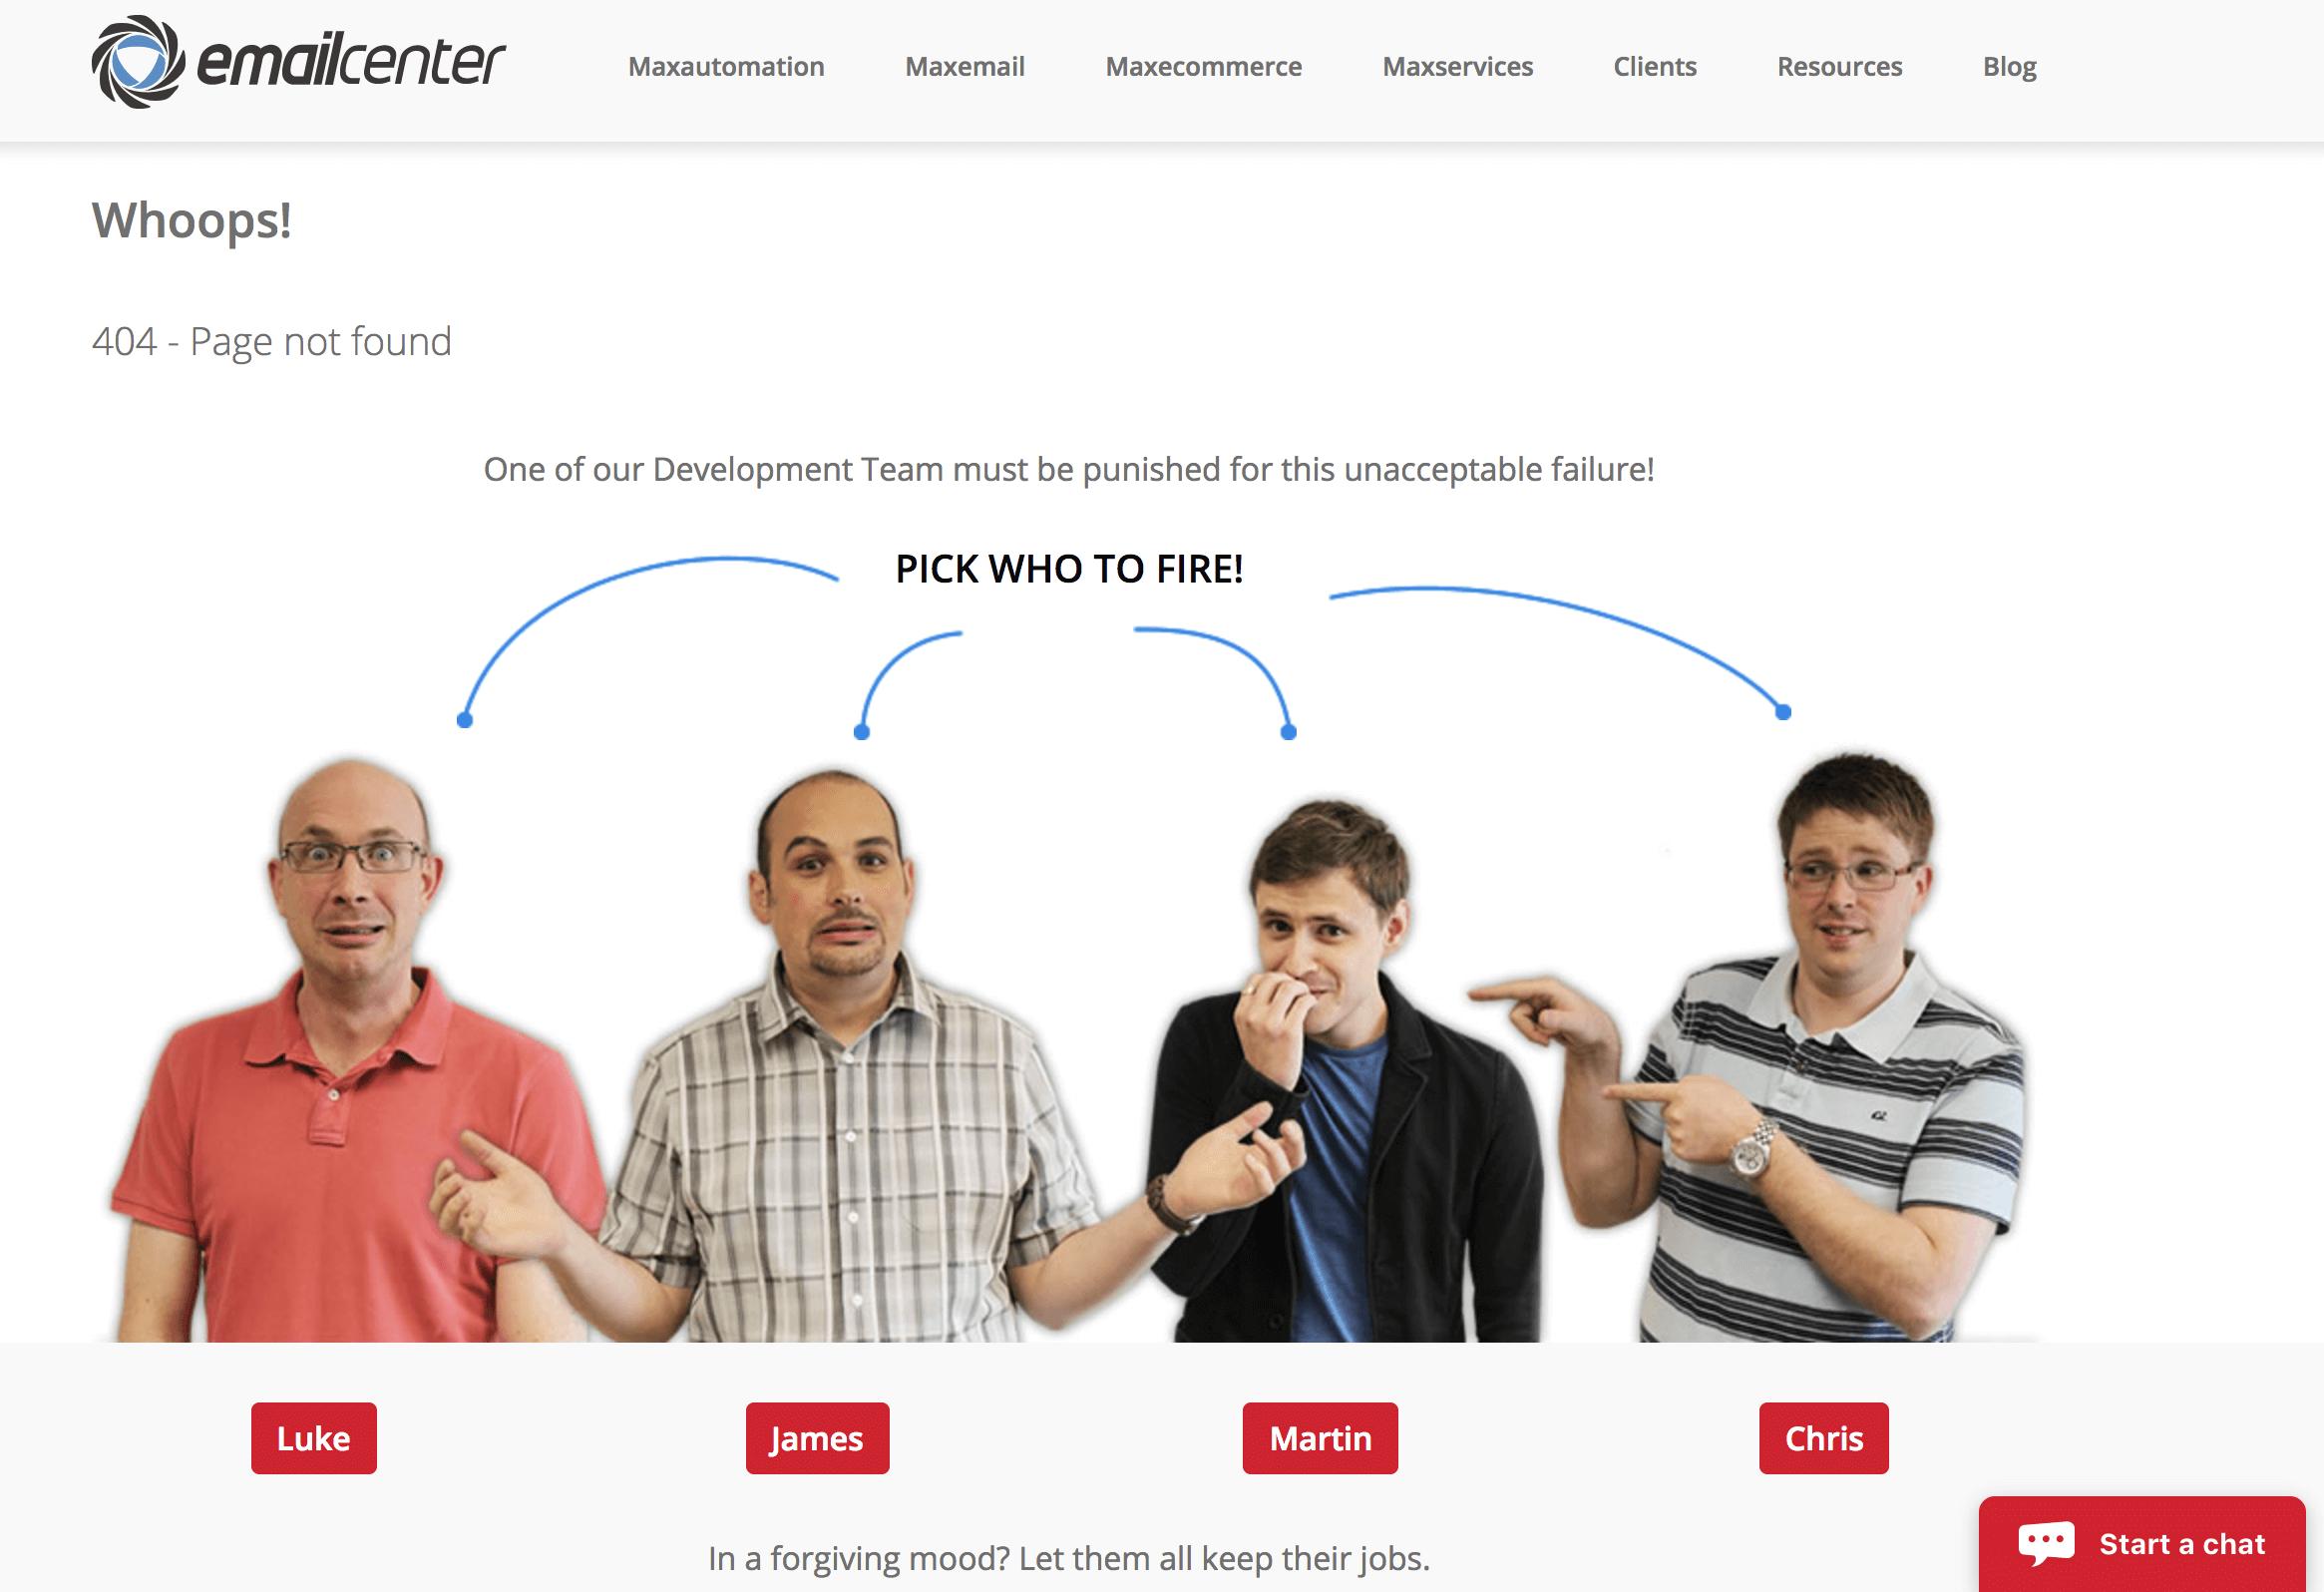 Si llegas a la página de error 404 puedes despedir a uno de sus empleados